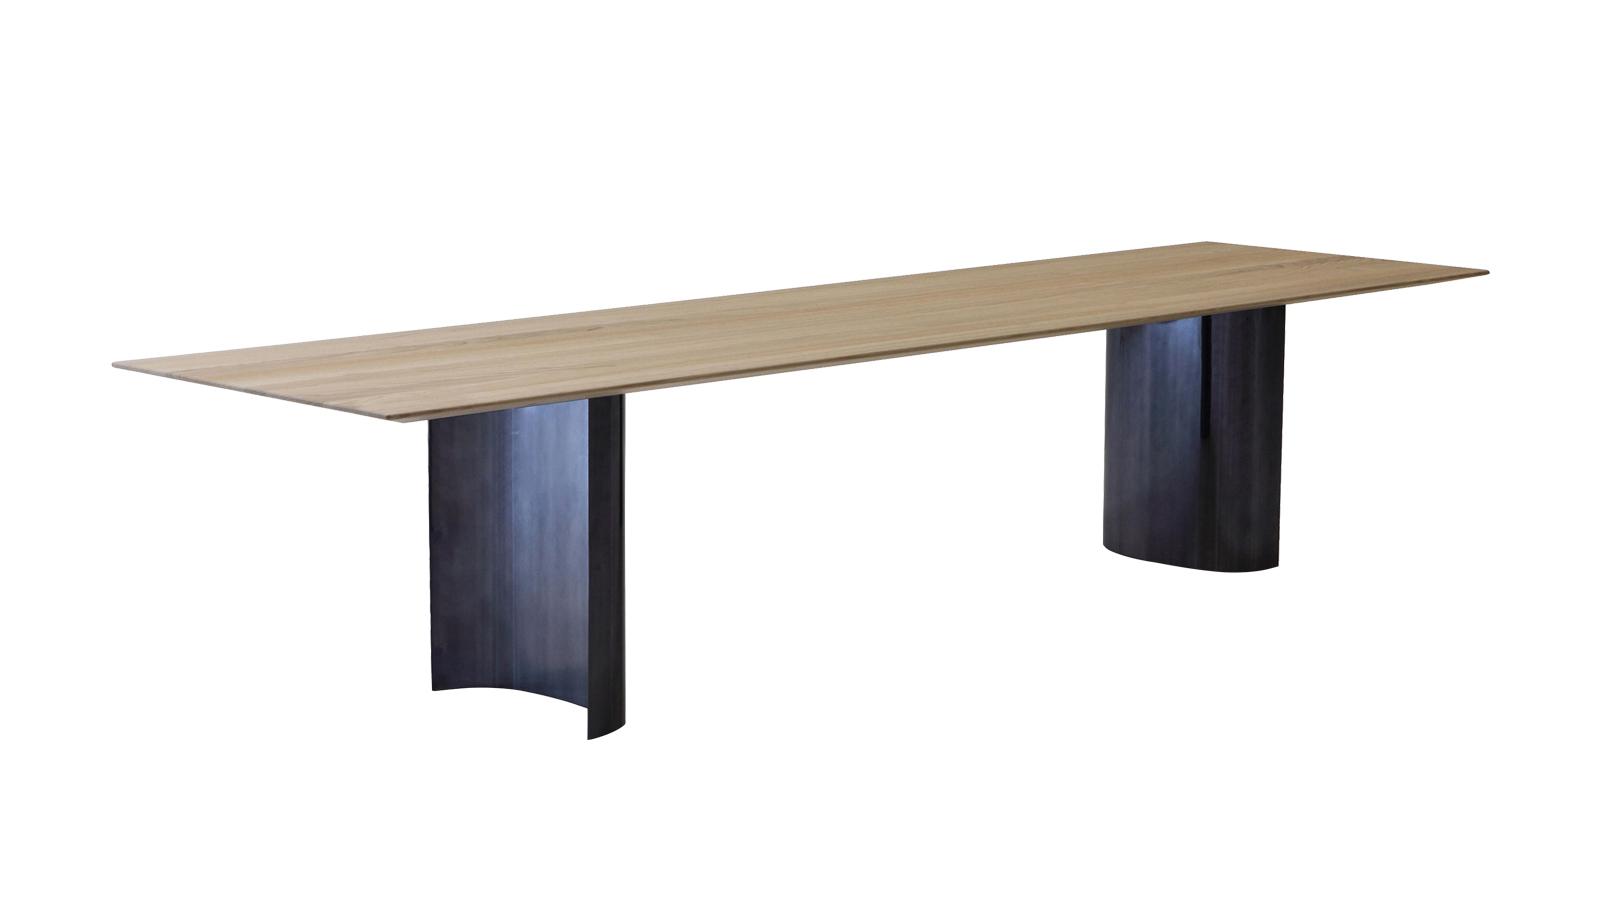 A minimalizmus és a maximalizmus között egyensúlyozik a Porro asztalcsaládja. A Jeff asztalok avantgárd beütését a hajlékony, csillogó, szobrászi asztallábak és a szabályos, geometrikus asztallap kettőse szolgáltatja. Sokoldalúsága is épp ennek köszönhető: extravagáns, letisztult, és formális enteriőrökbe egyaránt passzol.